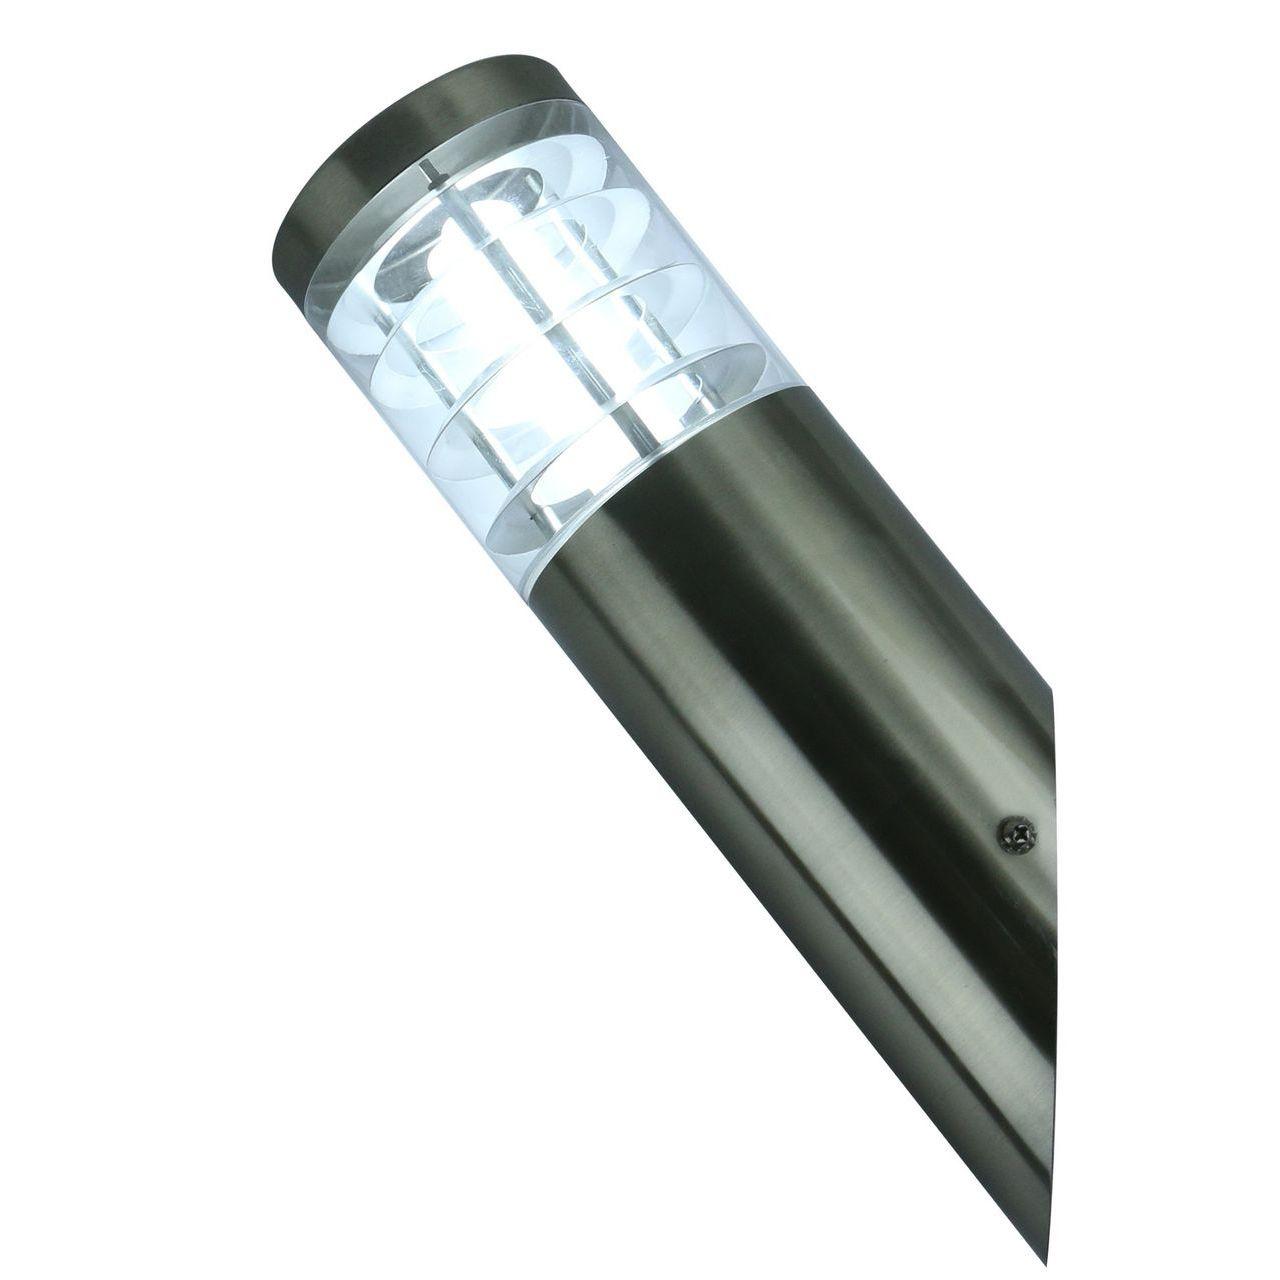 Фото - Уличный настенный светильник Arte Lamp Paletto A8363AL-1SS arte lamp уличный настенный светильник intrigo a8161al 1ss